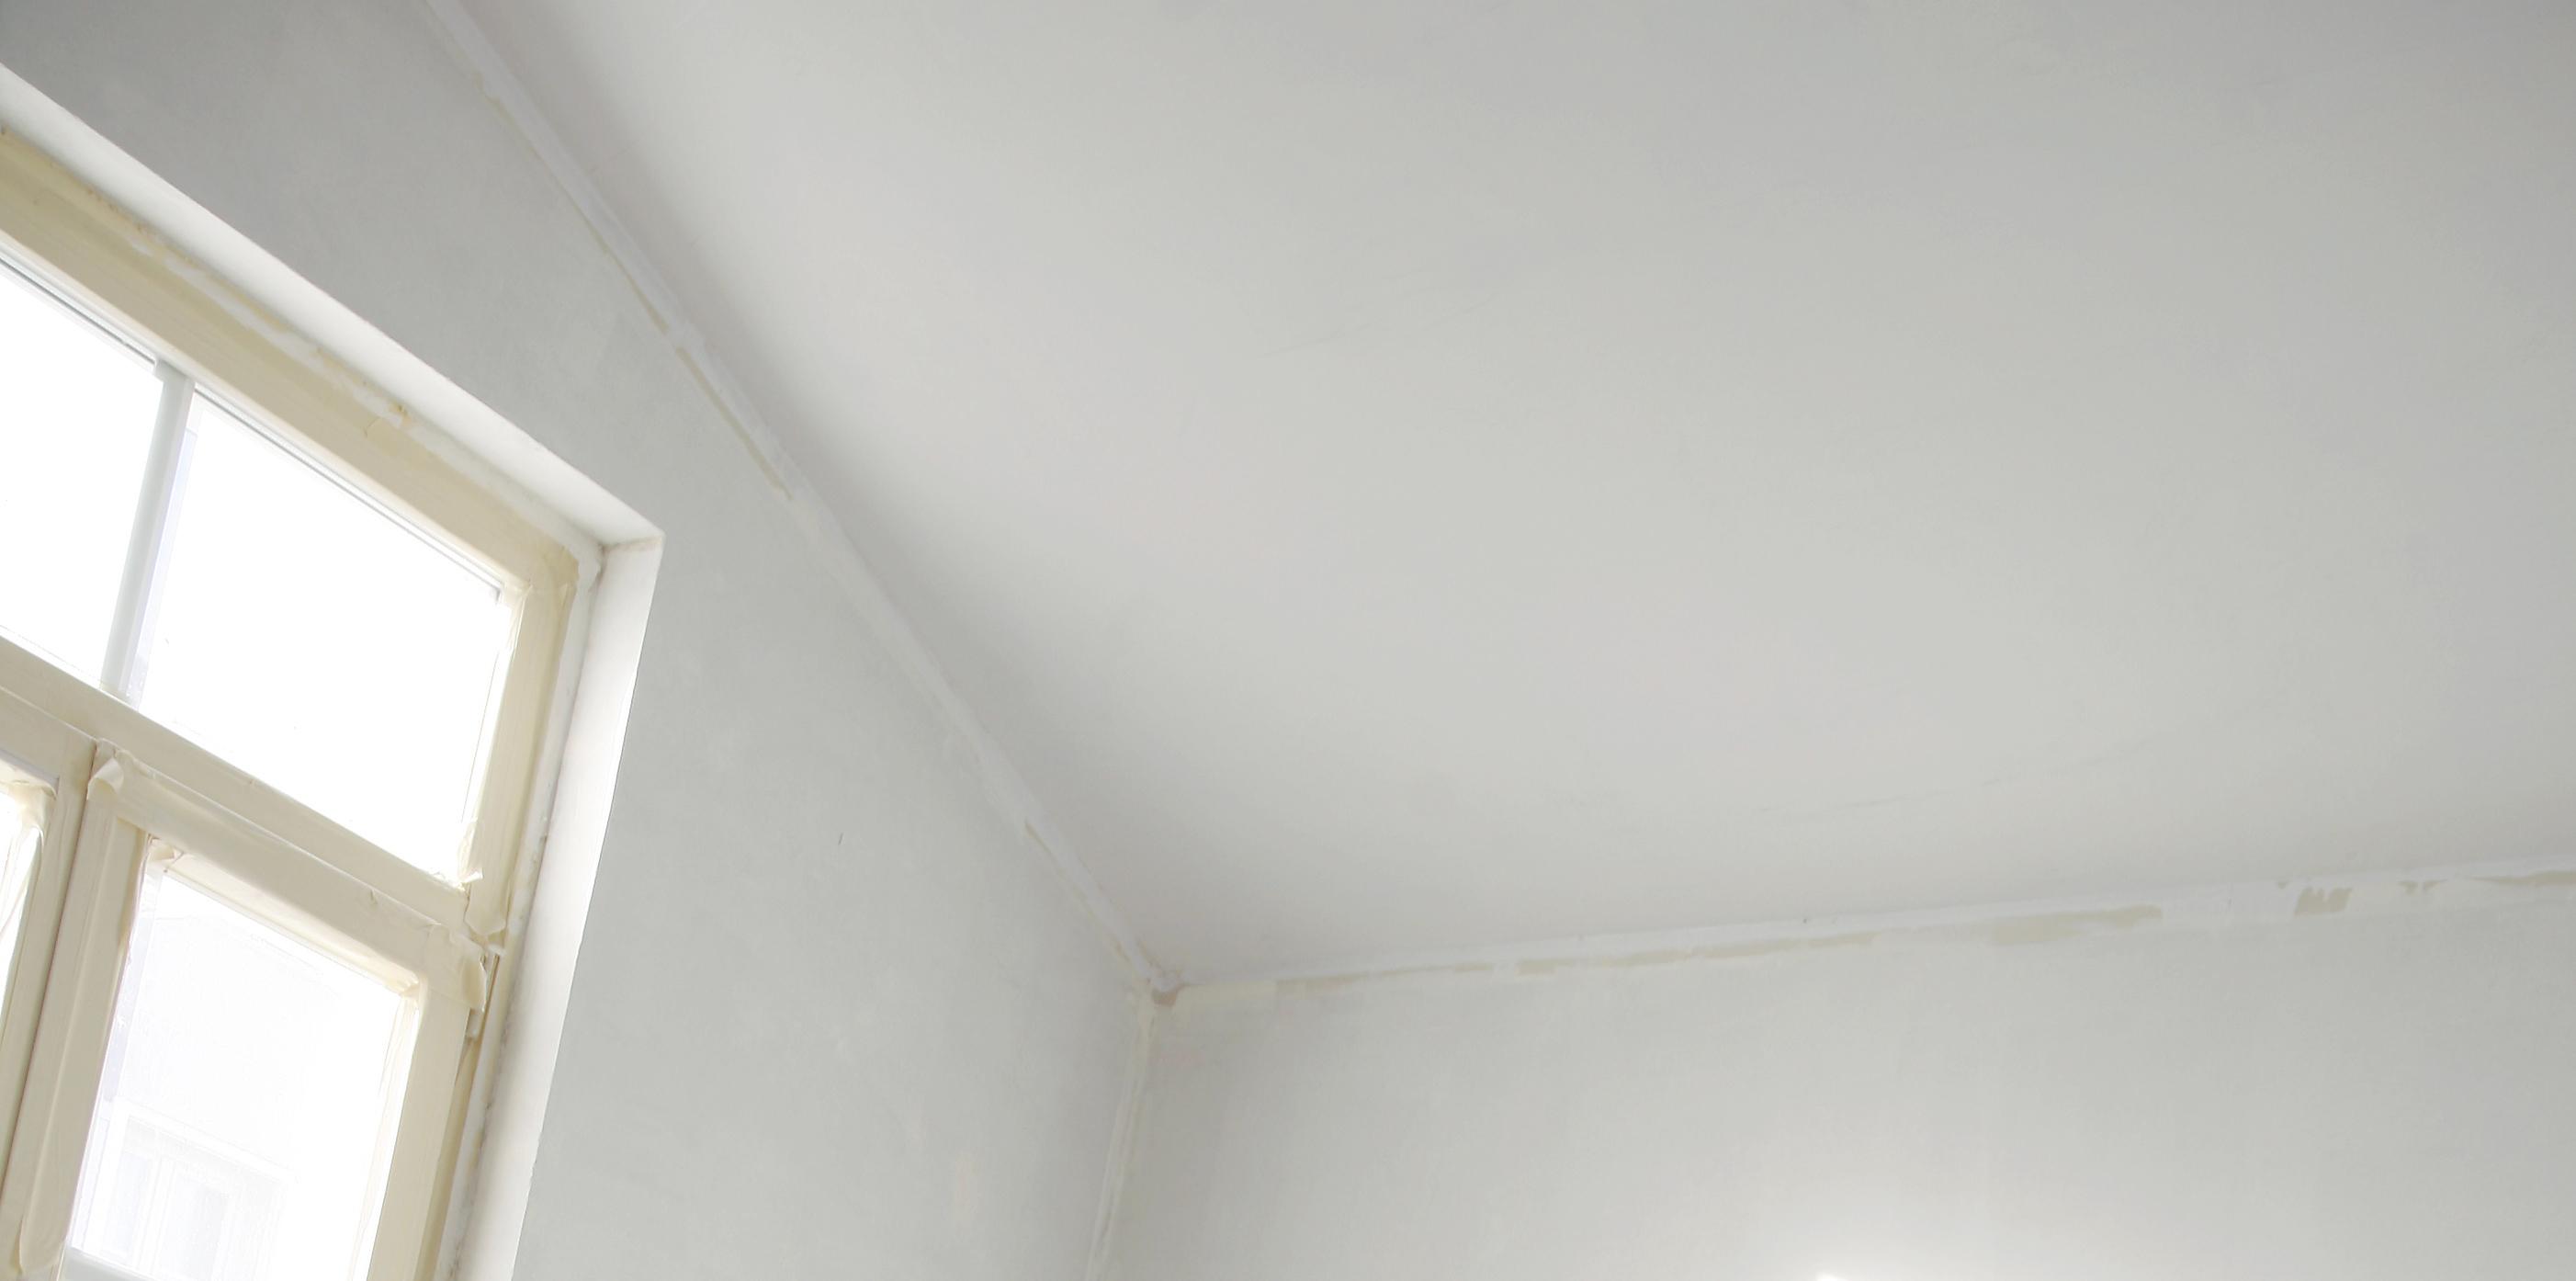 Escoger los colores adecuados para pintar una habitaci n bricopared beissier - Como pintar el techo ...